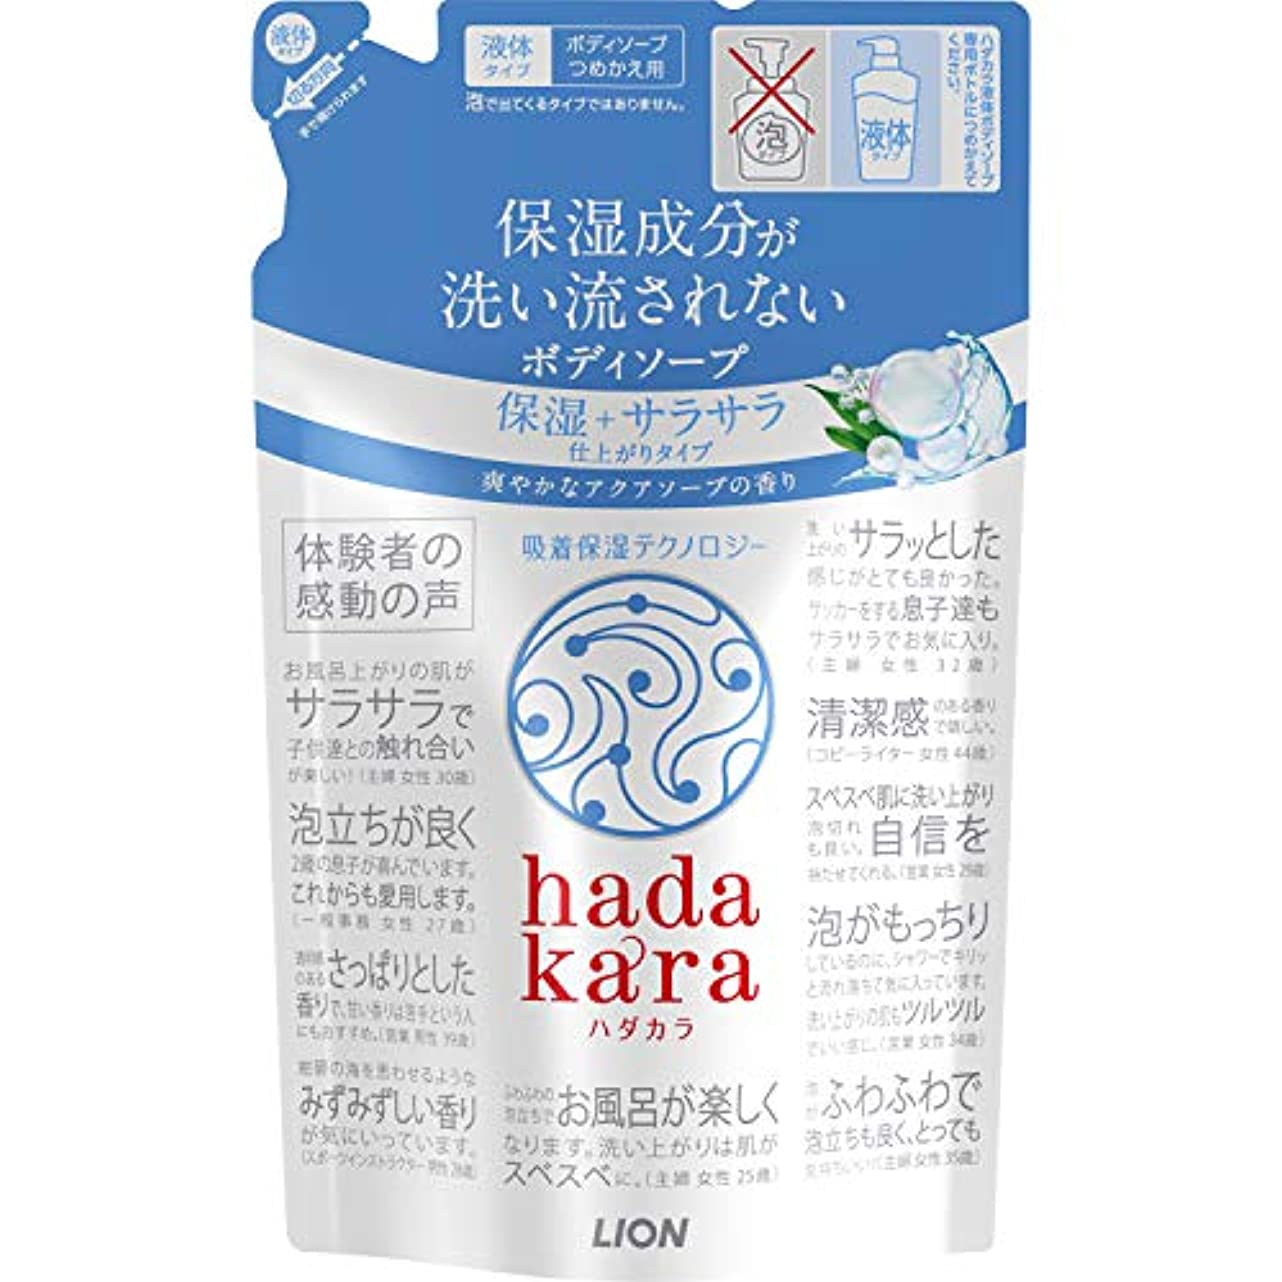 hadakara(ハダカラ) ボディソープ 保湿+サラサラ仕上がりタイプ アクアソープの香り 詰め替え 340ml